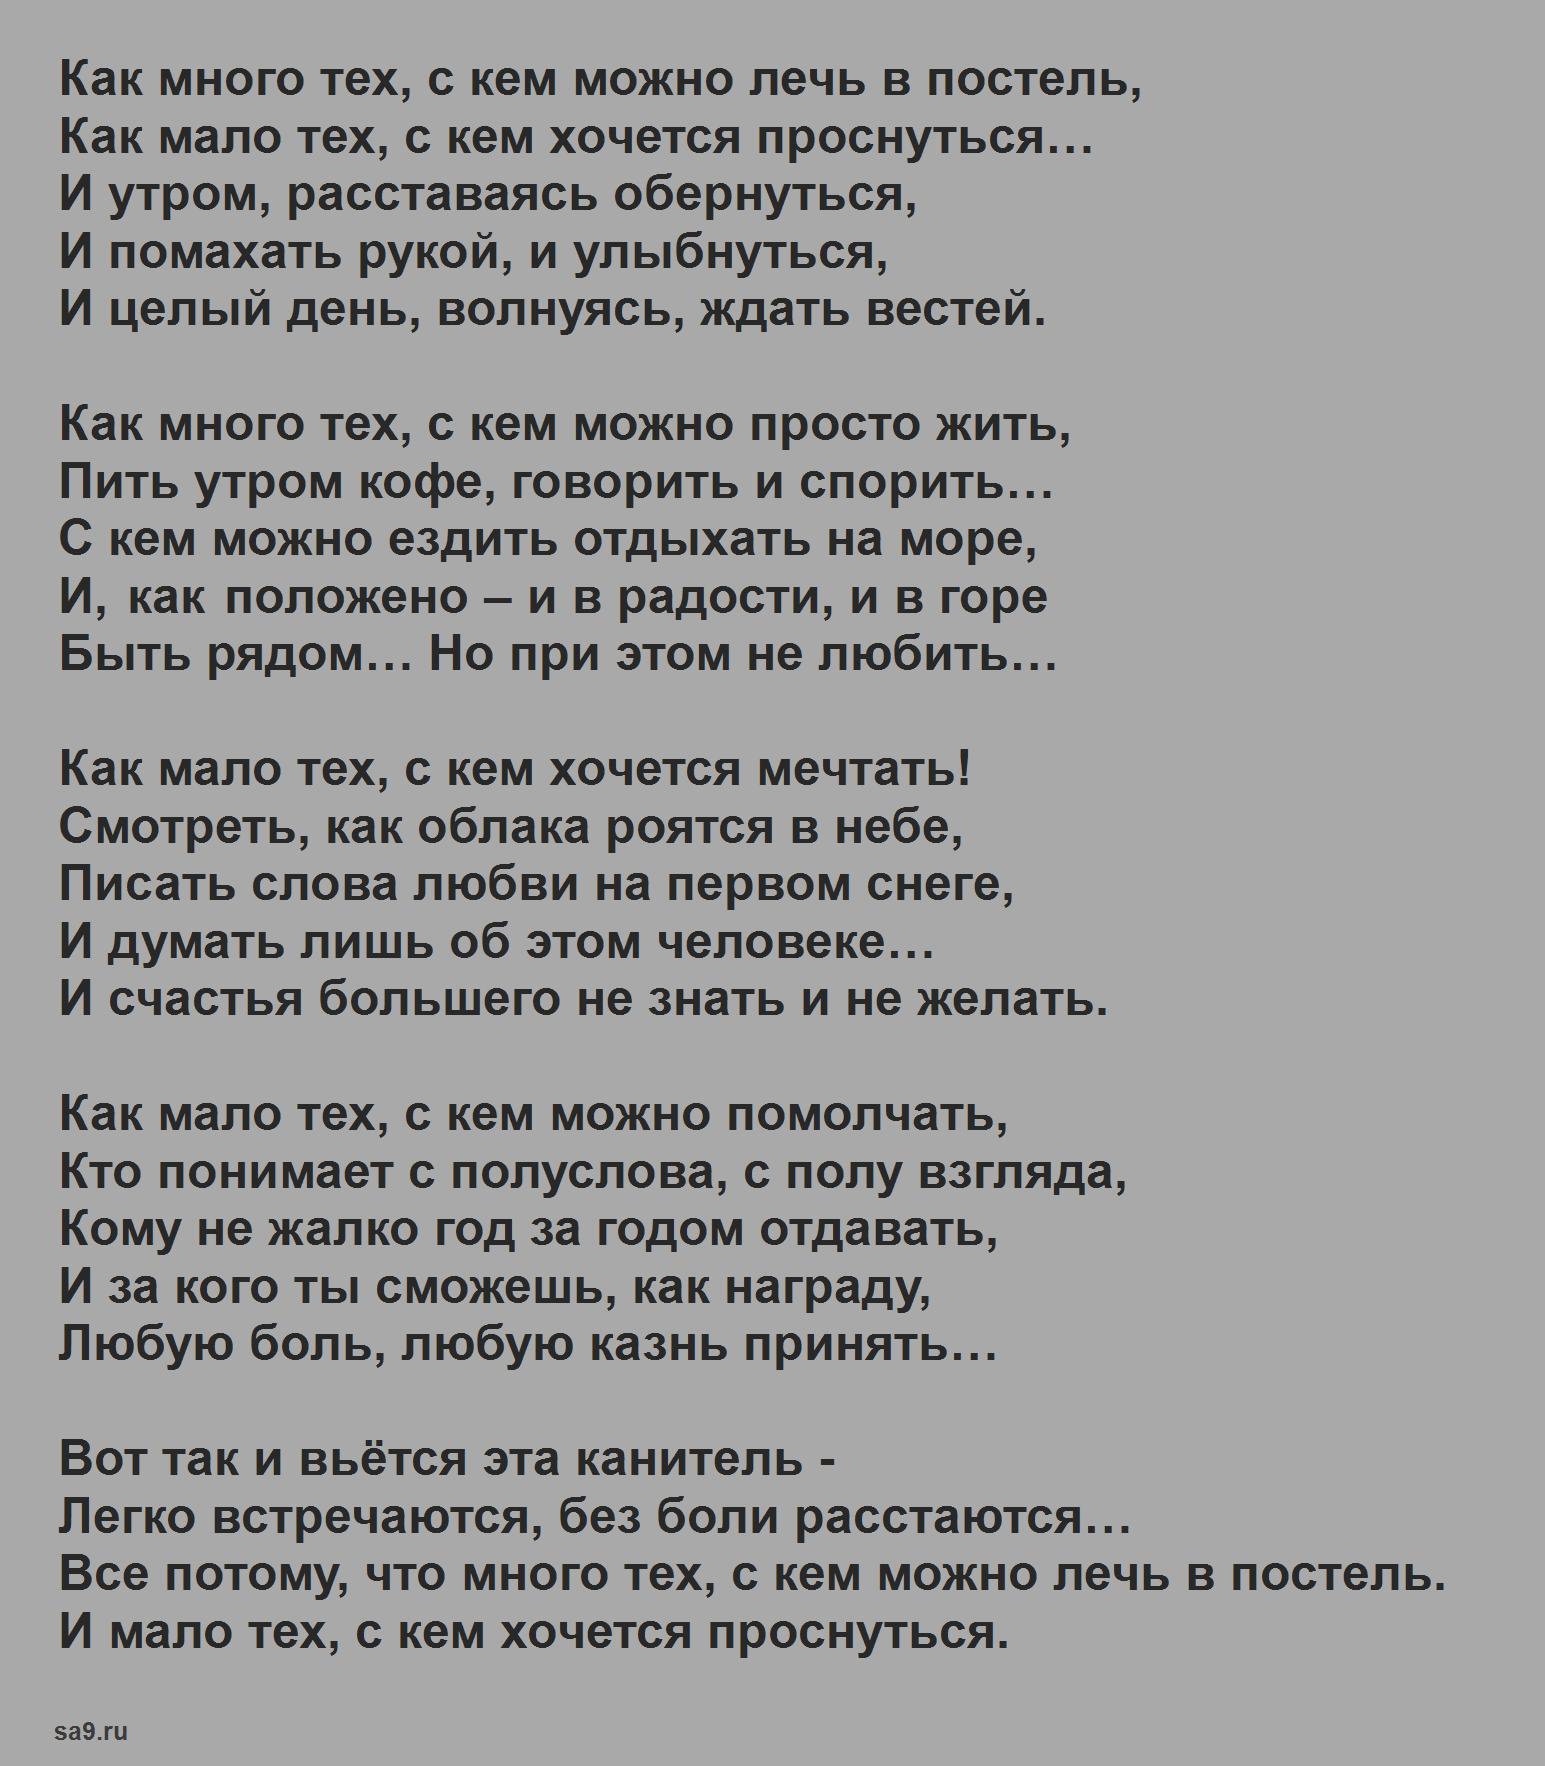 Стихи Асадова - Как много тех, с кем можно лечь в постель